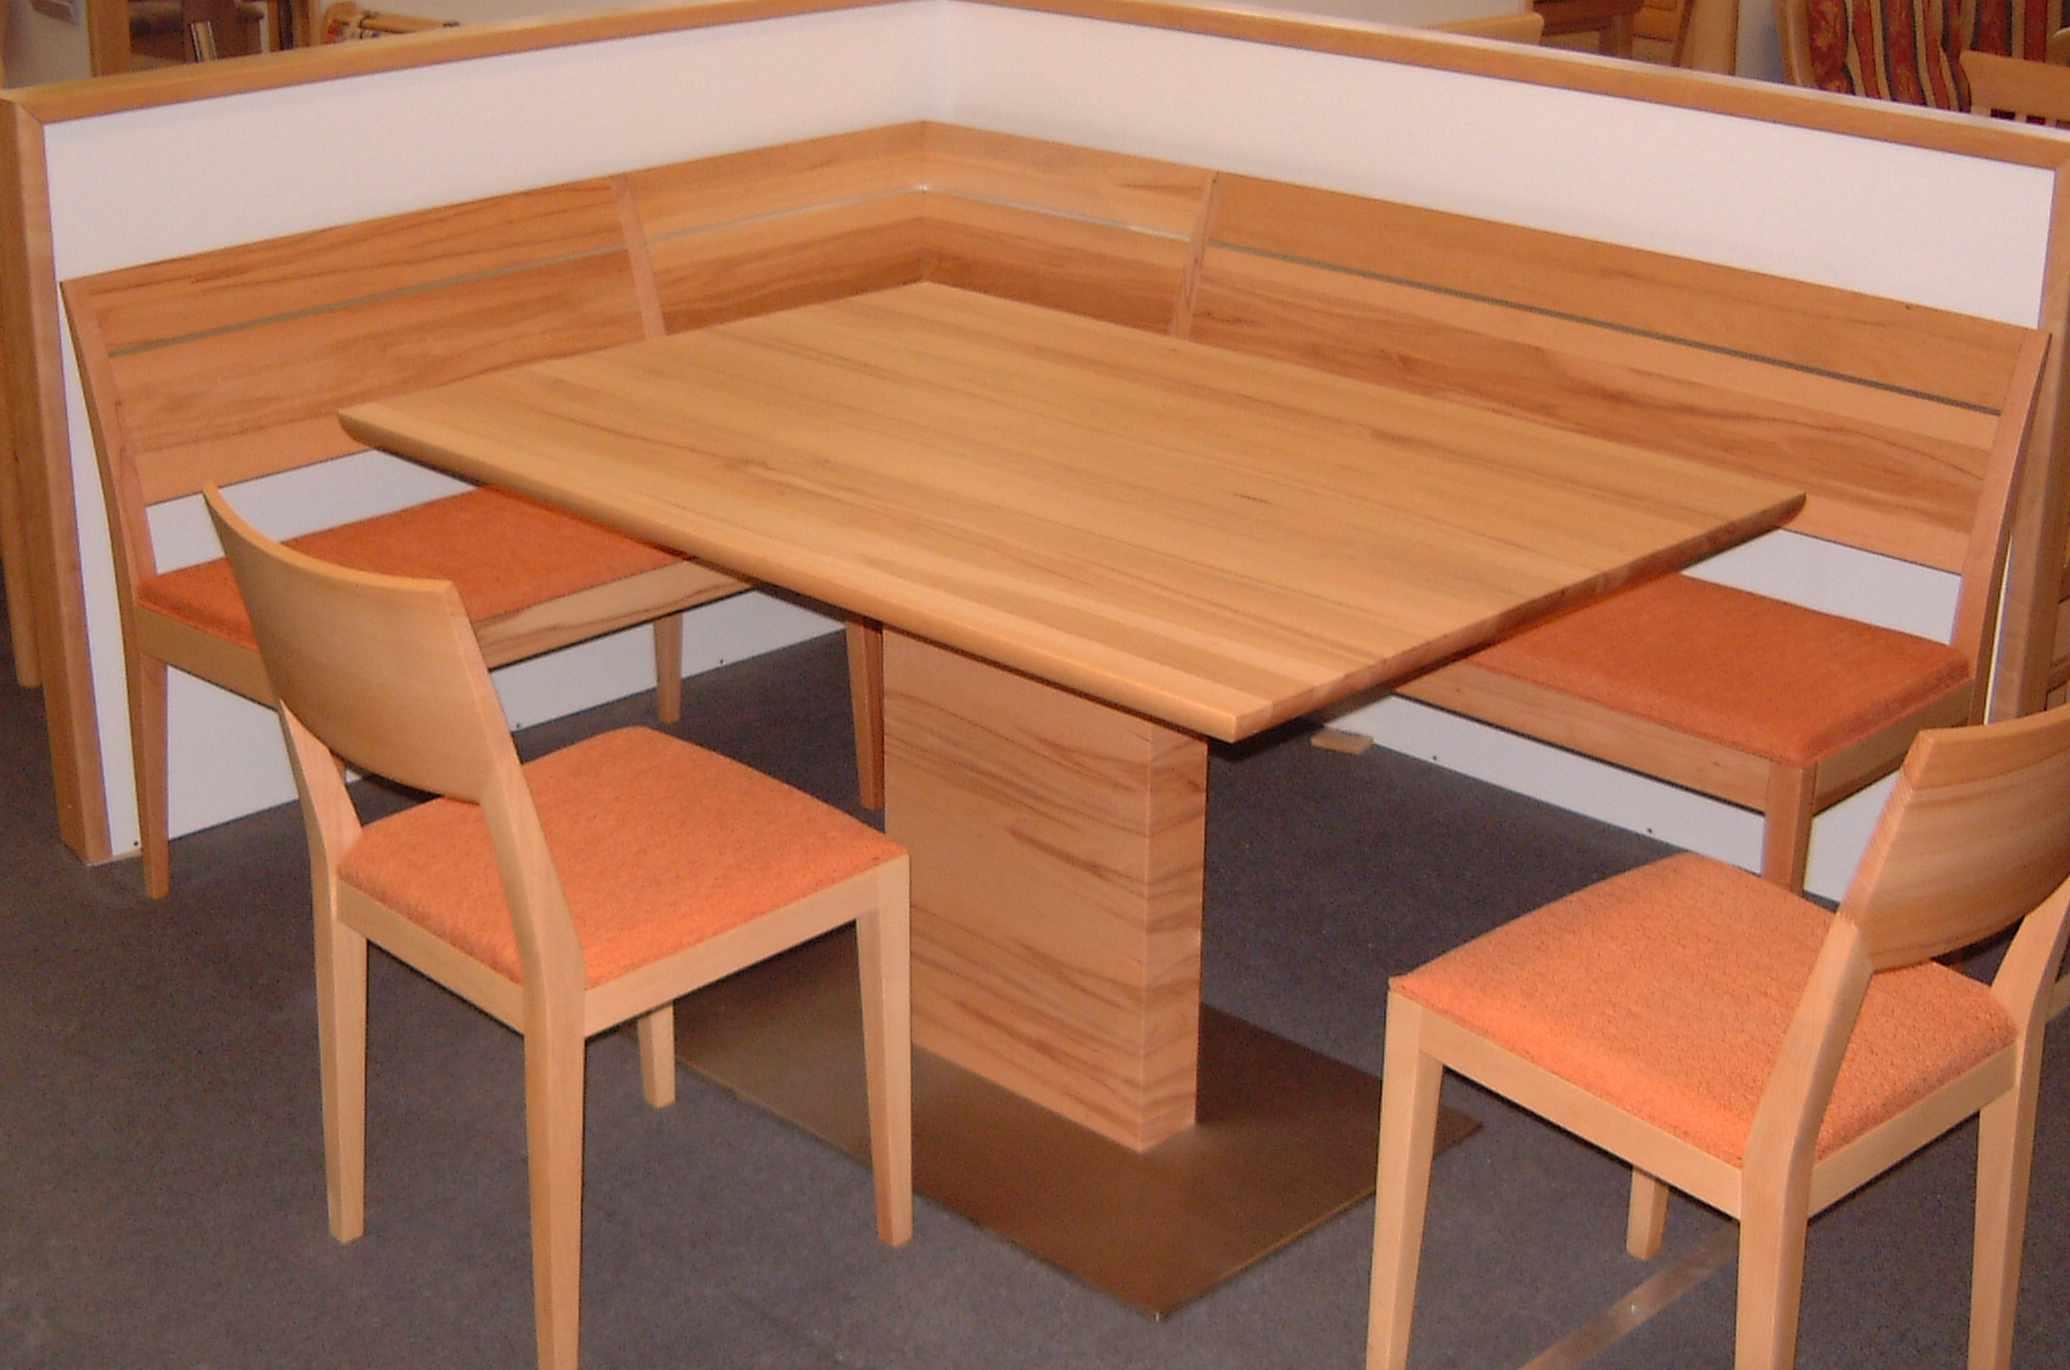 eckbank mit tisch eckbank mit tisch und stuhl aus holz eckbank tisch stuhl eckbank mit tisch. Black Bedroom Furniture Sets. Home Design Ideas